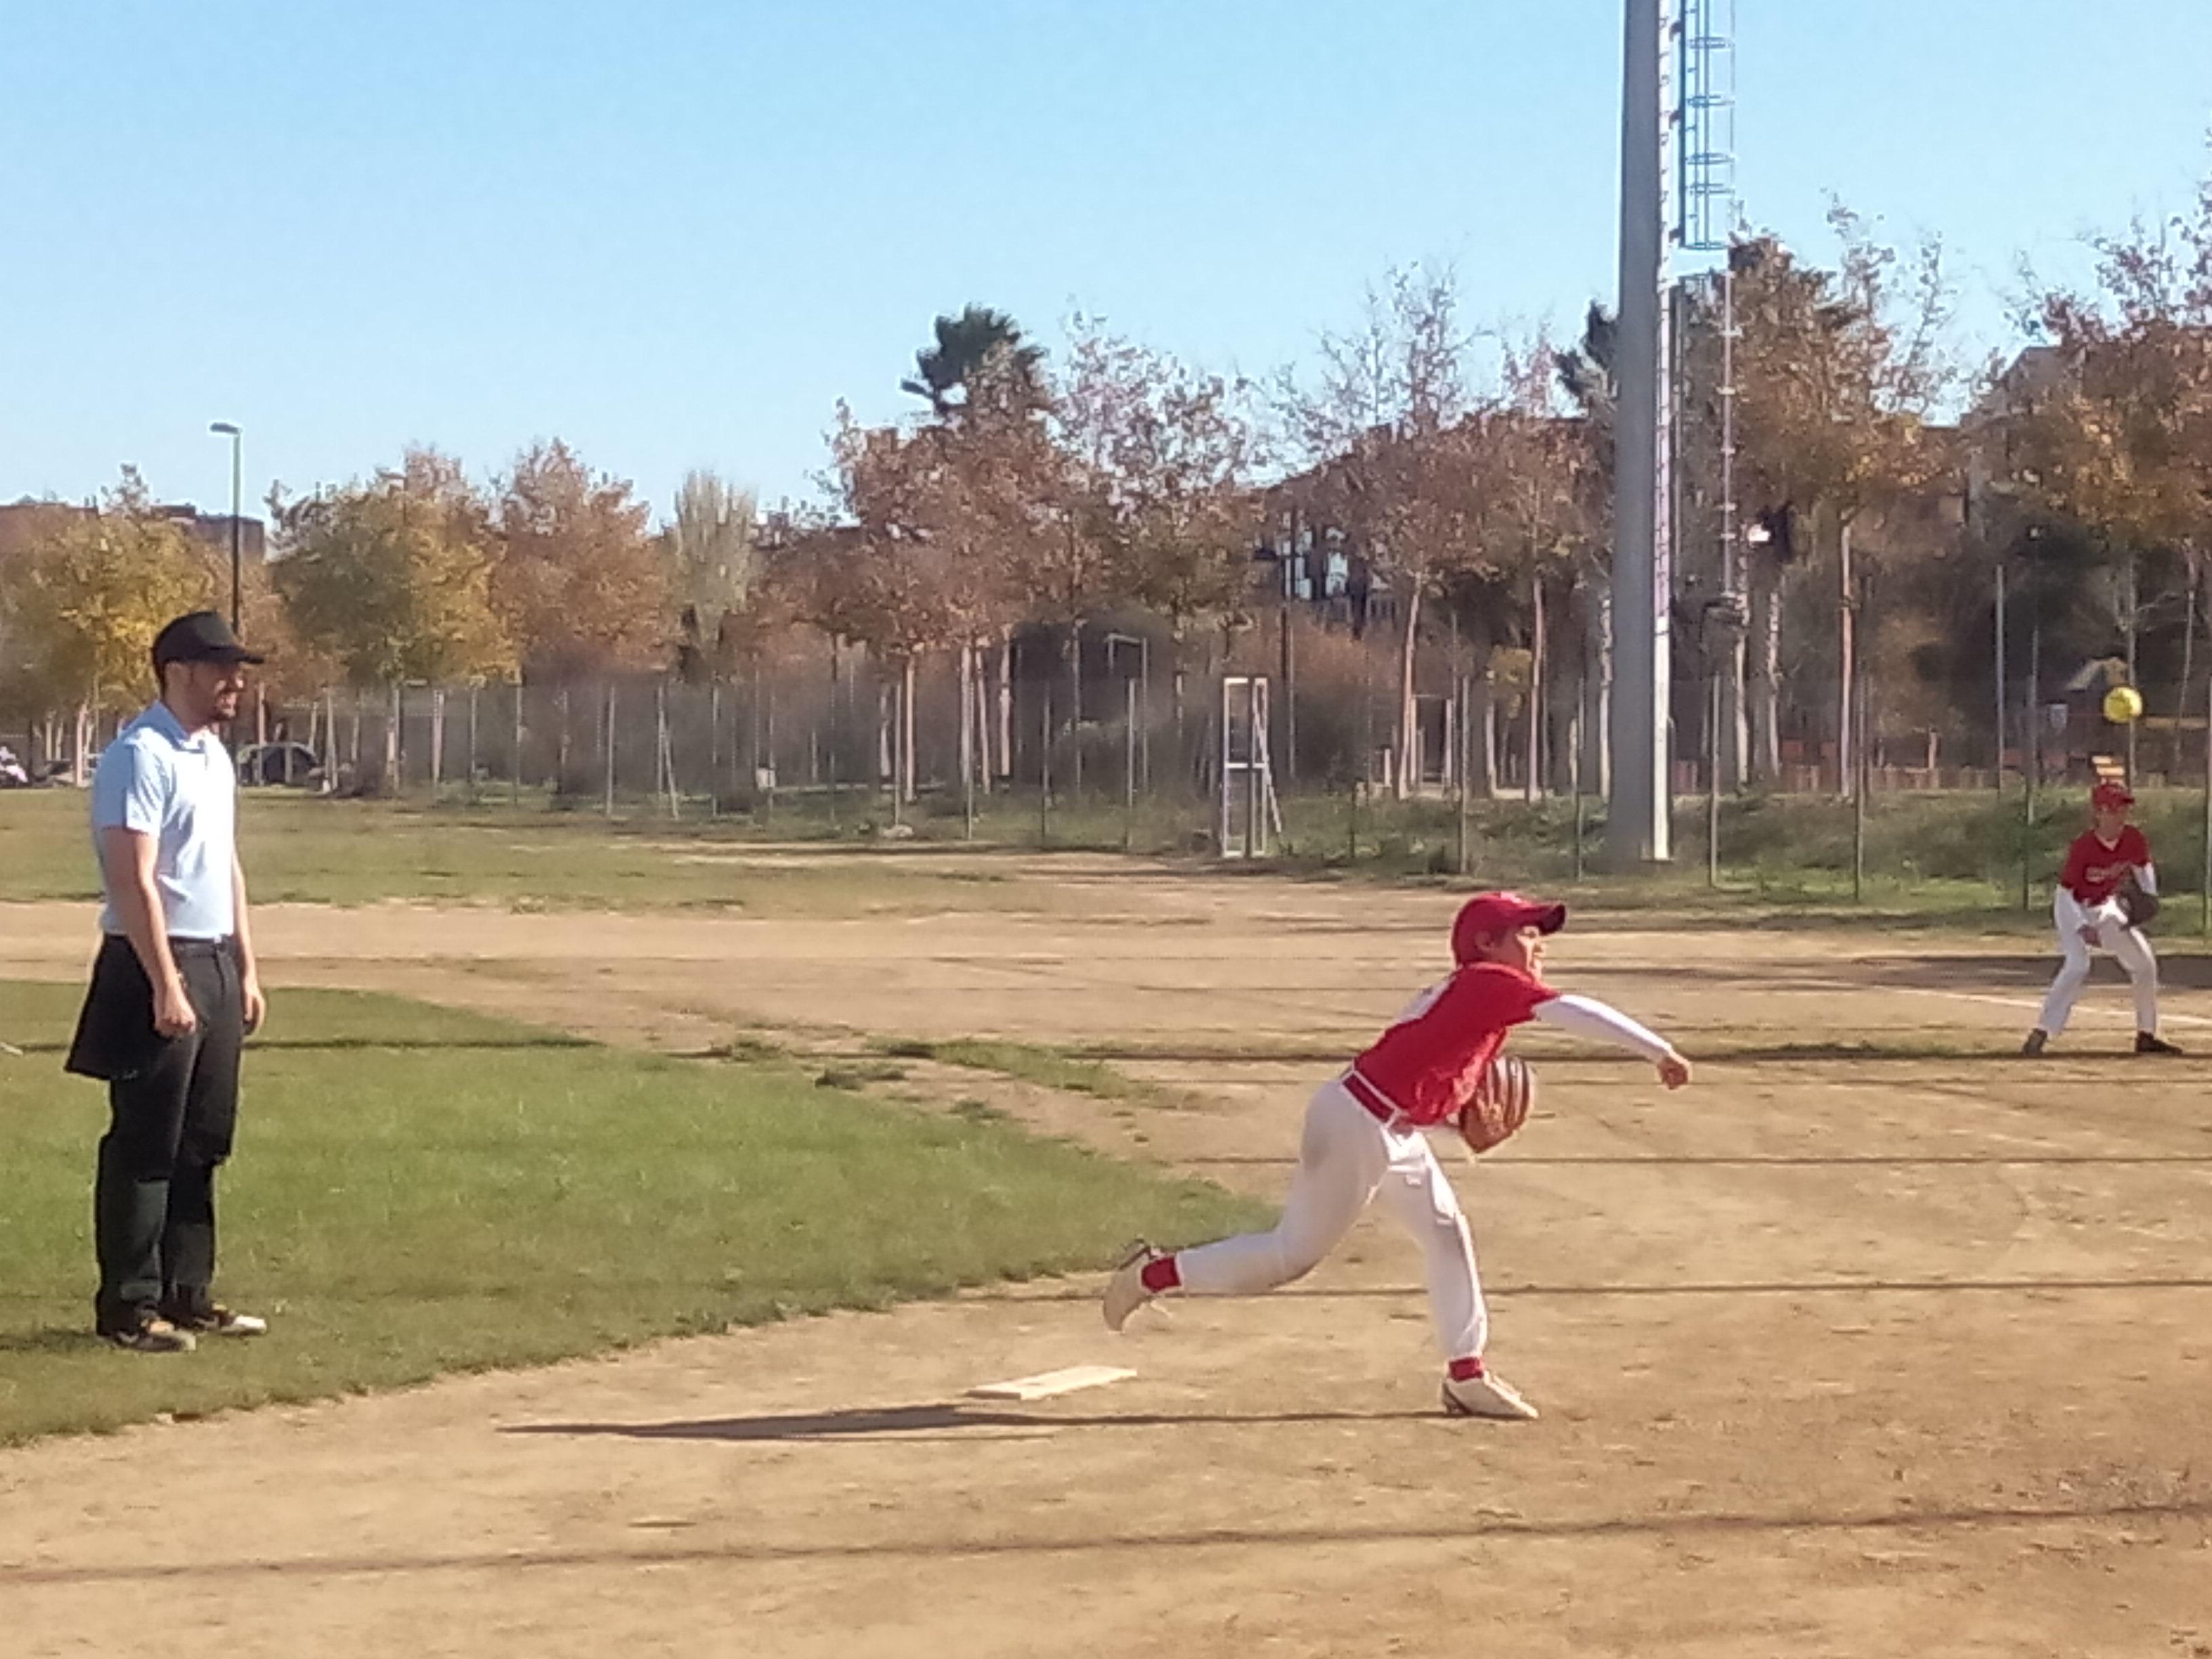 http://www.beisbolmiralbueno.es/wp-content/uploads/2015/11/IMG_20151128_125551.jpg